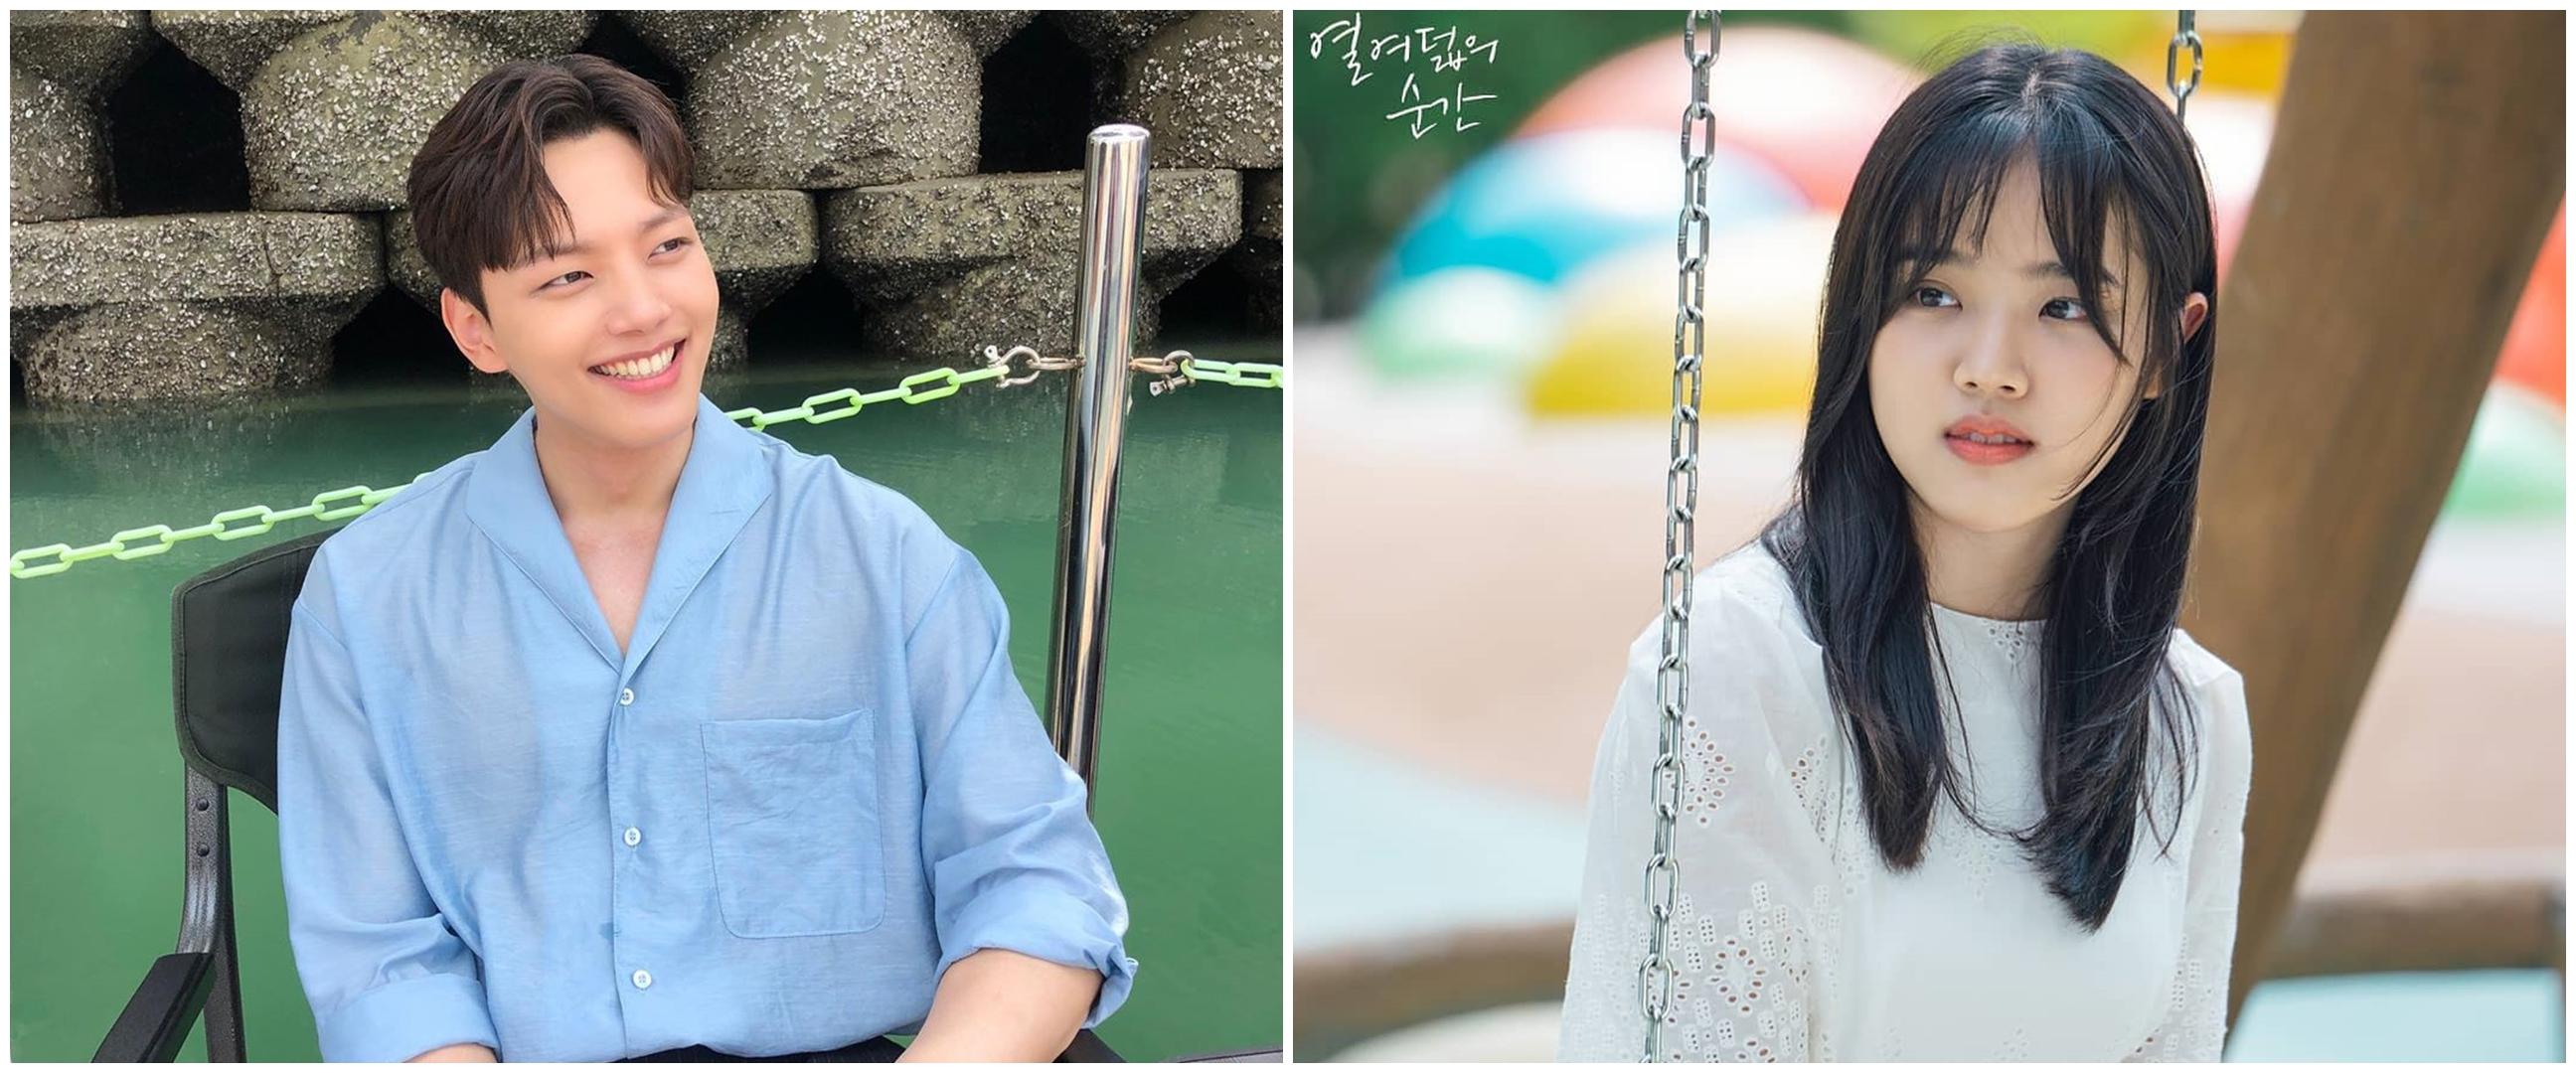 8 Bintang drama Korea ini sudah berakting sejak kecil